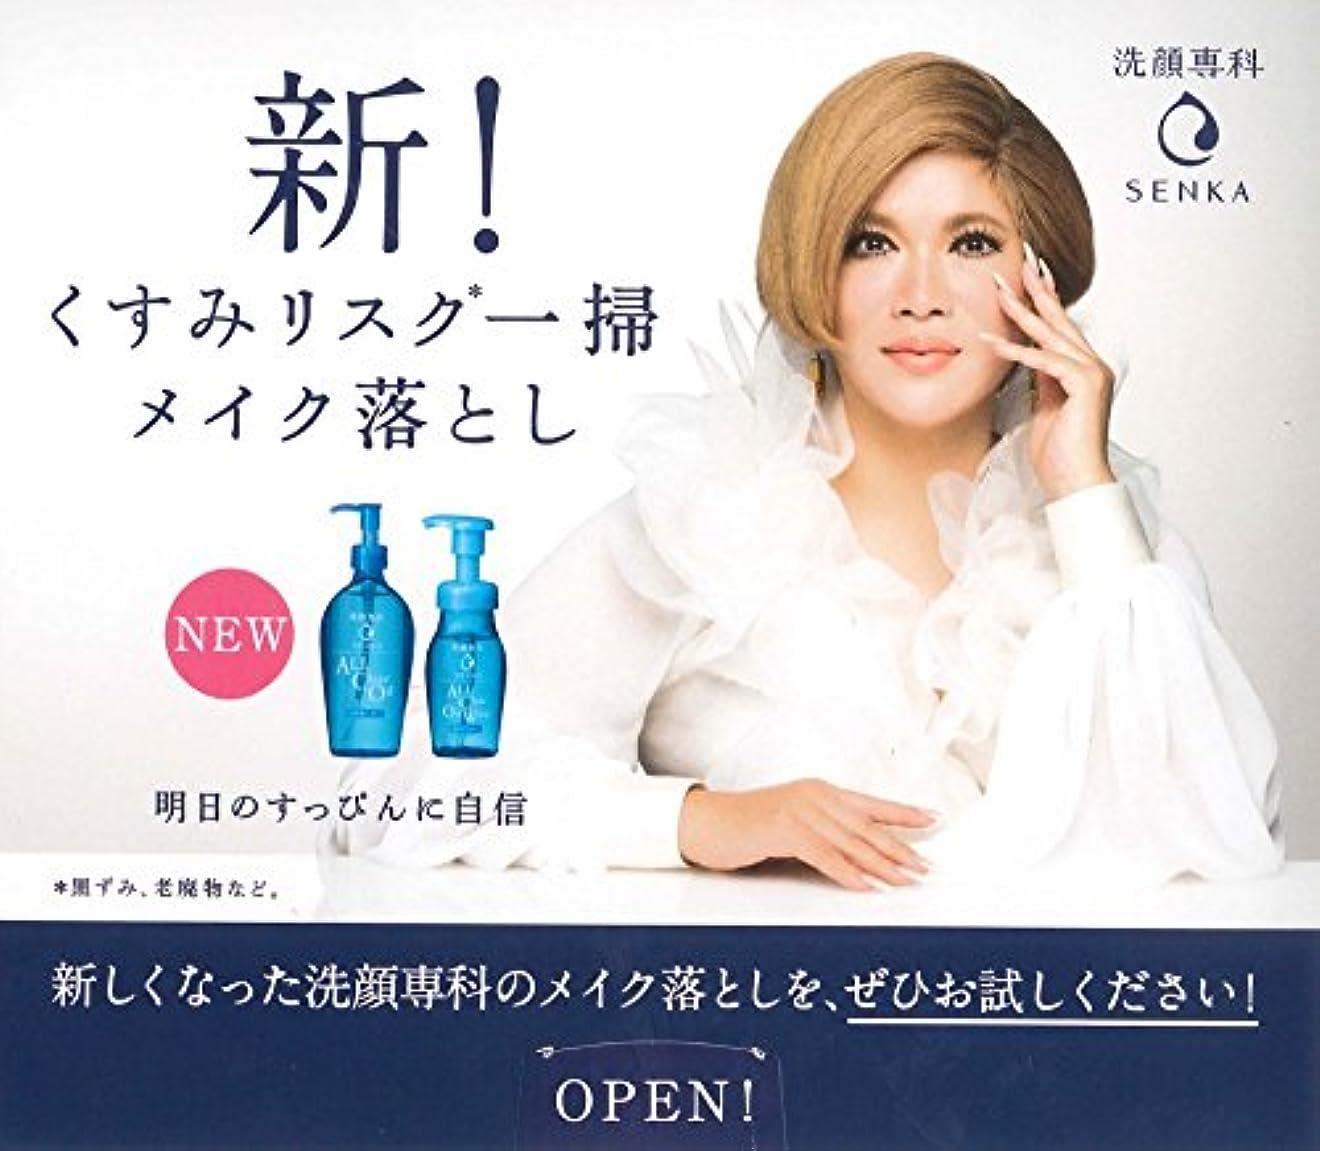 洗顔専科 オールクリアオイルサンプル 2.5ml×2  【実質無料サンプルストア対象】